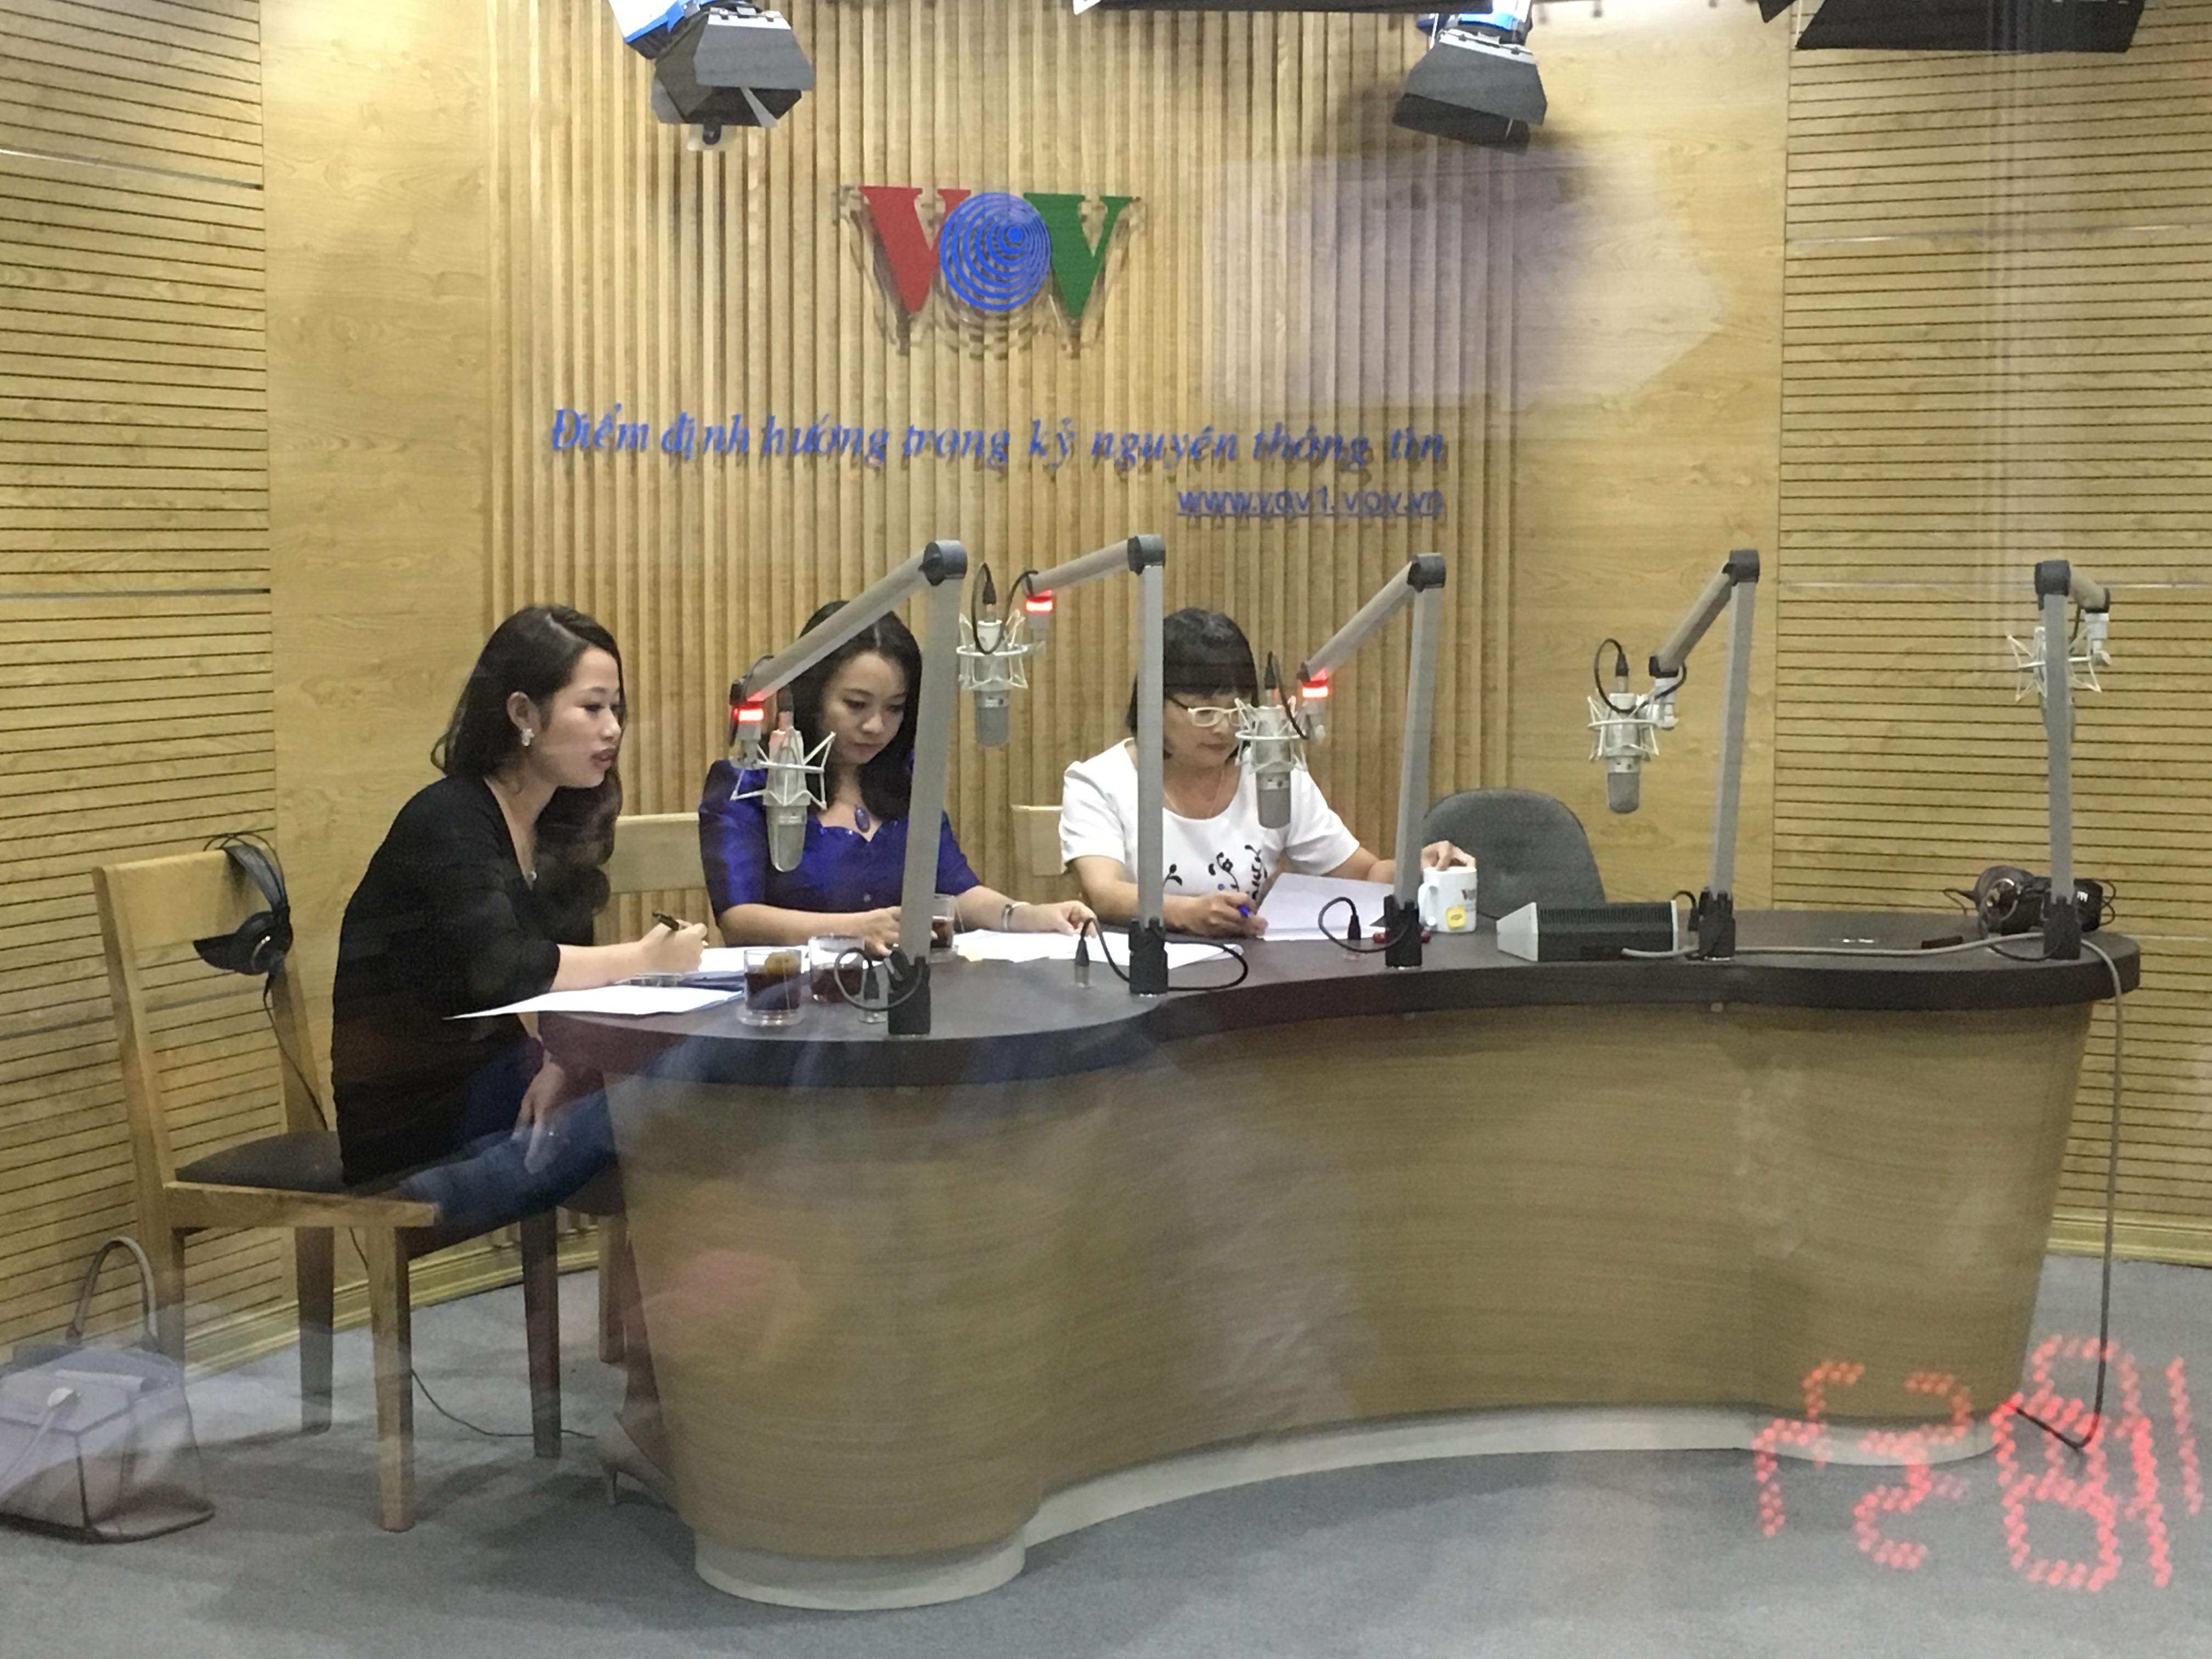 Chương trình đưa ứng viên Việt Nam sang học tập và làm việc tại Cộng hòa Liên bang Đức: Biến thách thức thành cơ hội (19/4/2017)